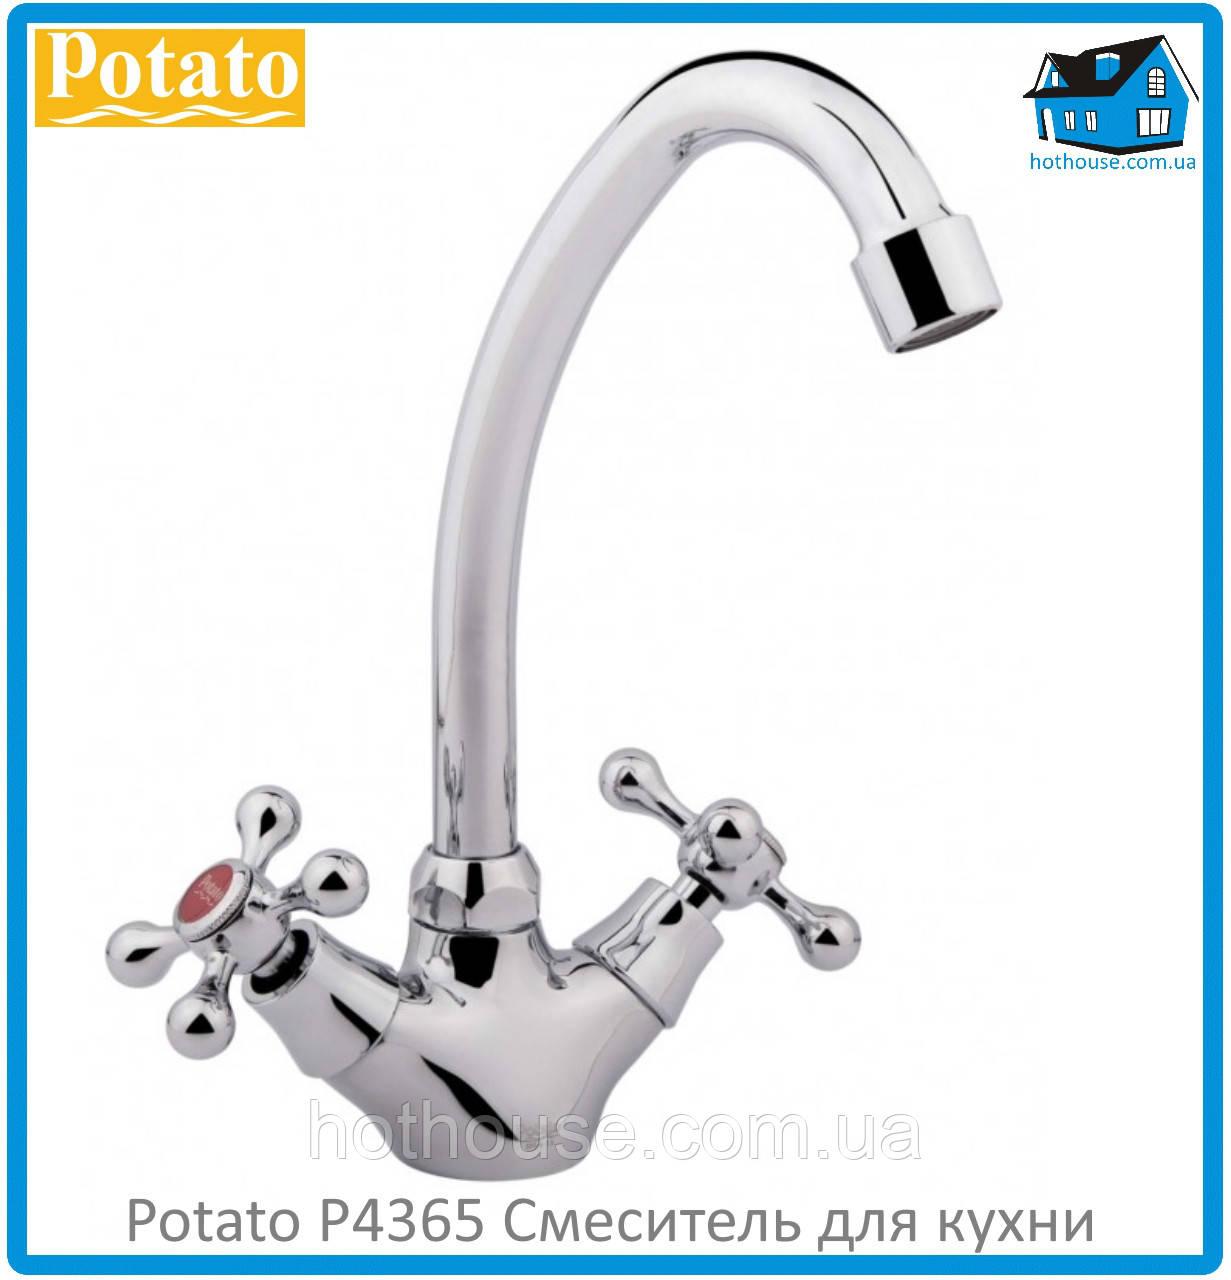 Смеситель для кухни Potato P4365